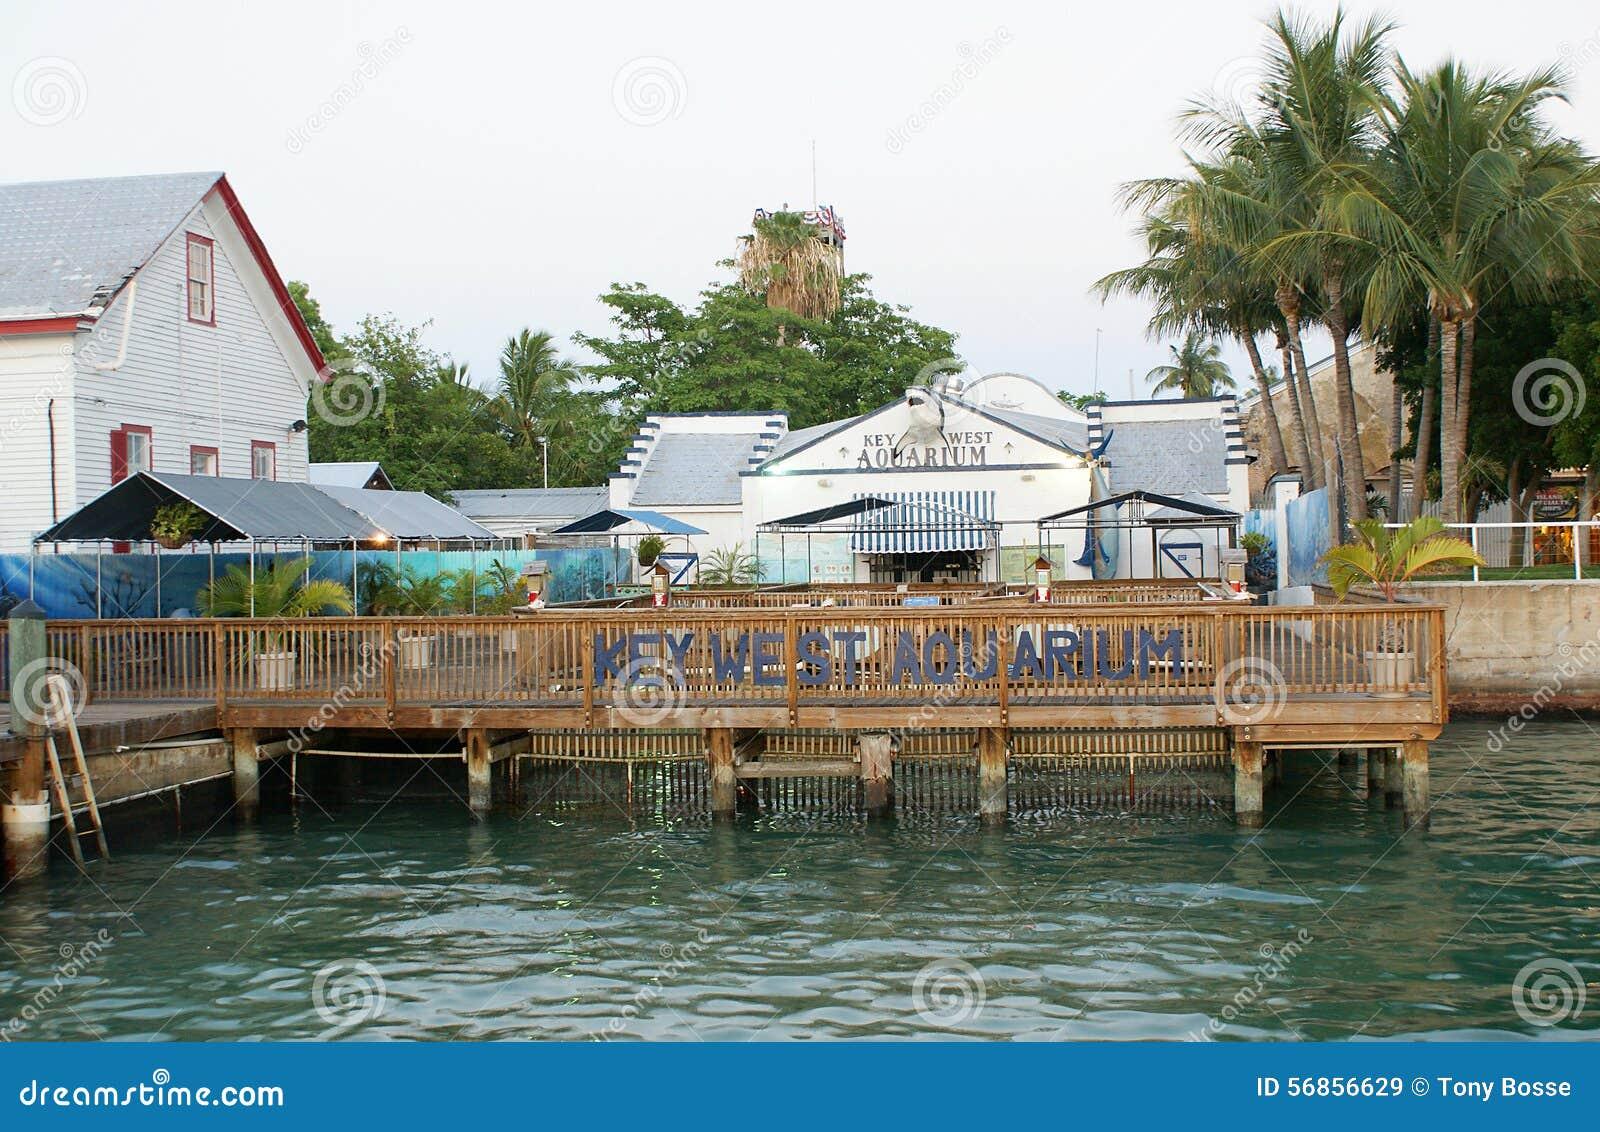 Key West Aquarium Editorial Stock Image Image 56856629